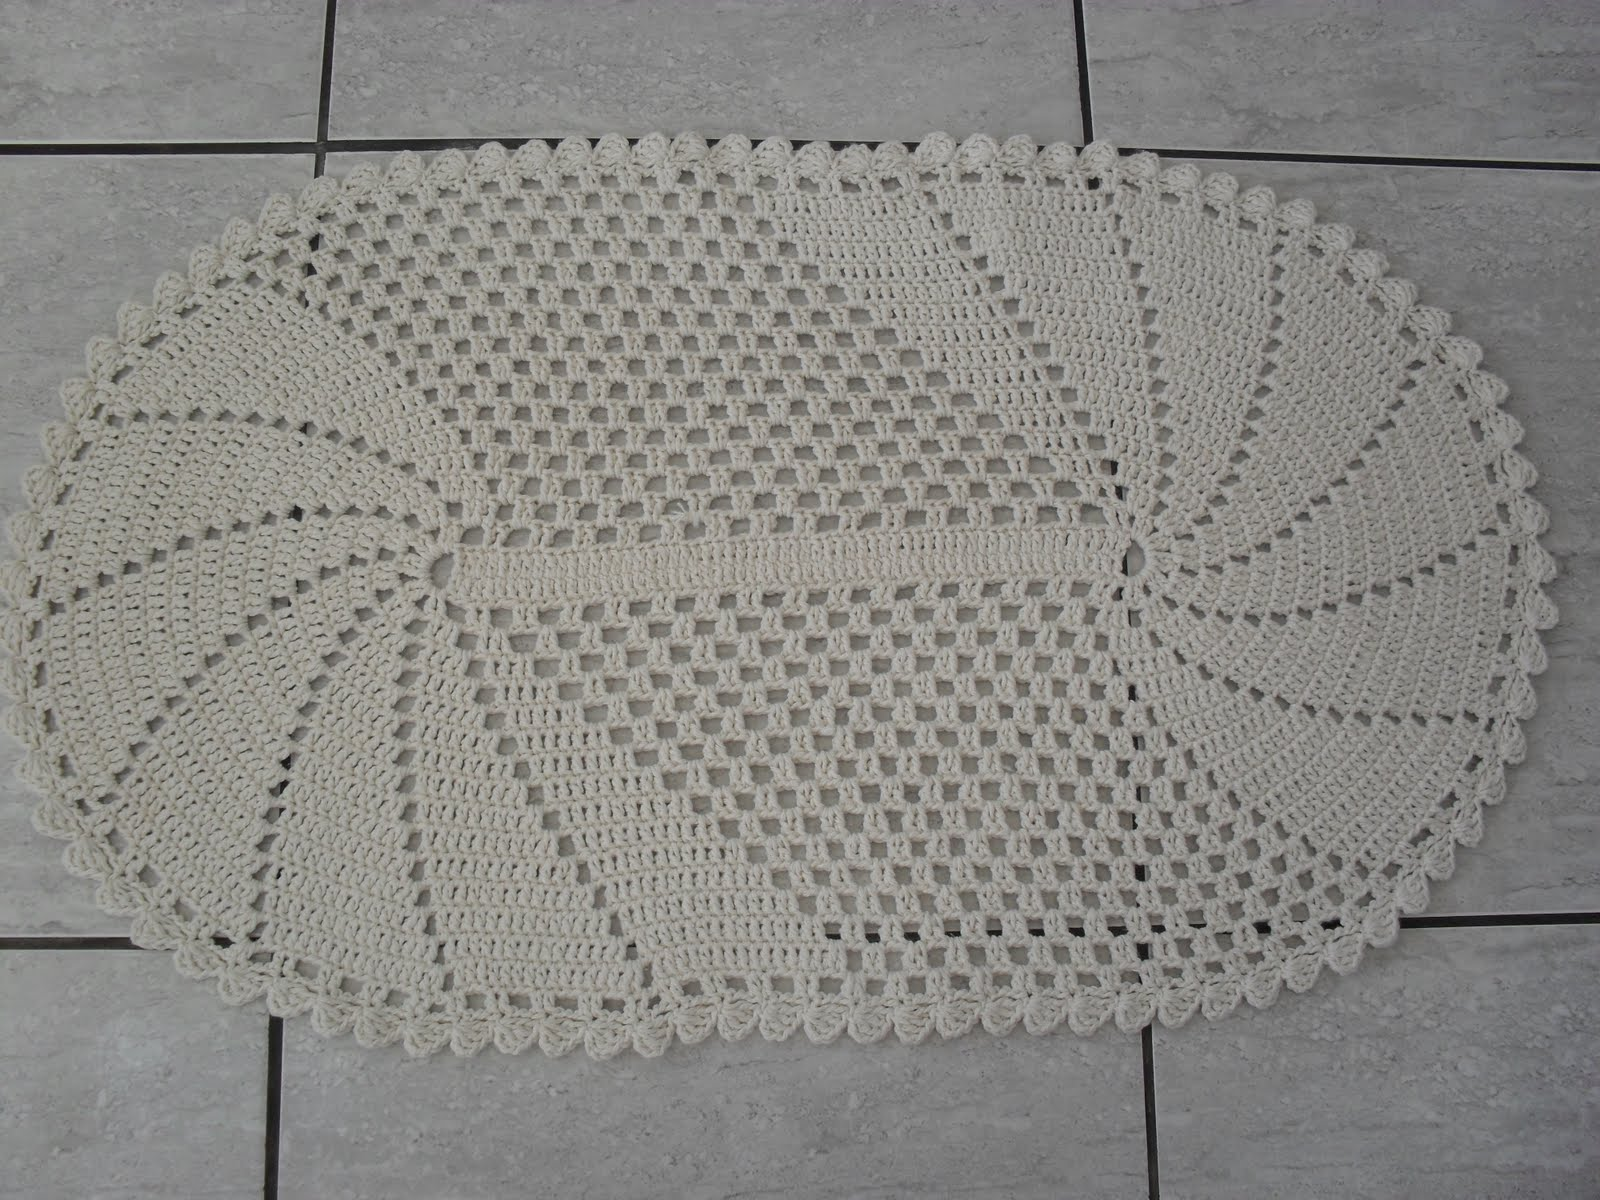 esta semana, este lindo tapetinho de crochê, aliás foram dois